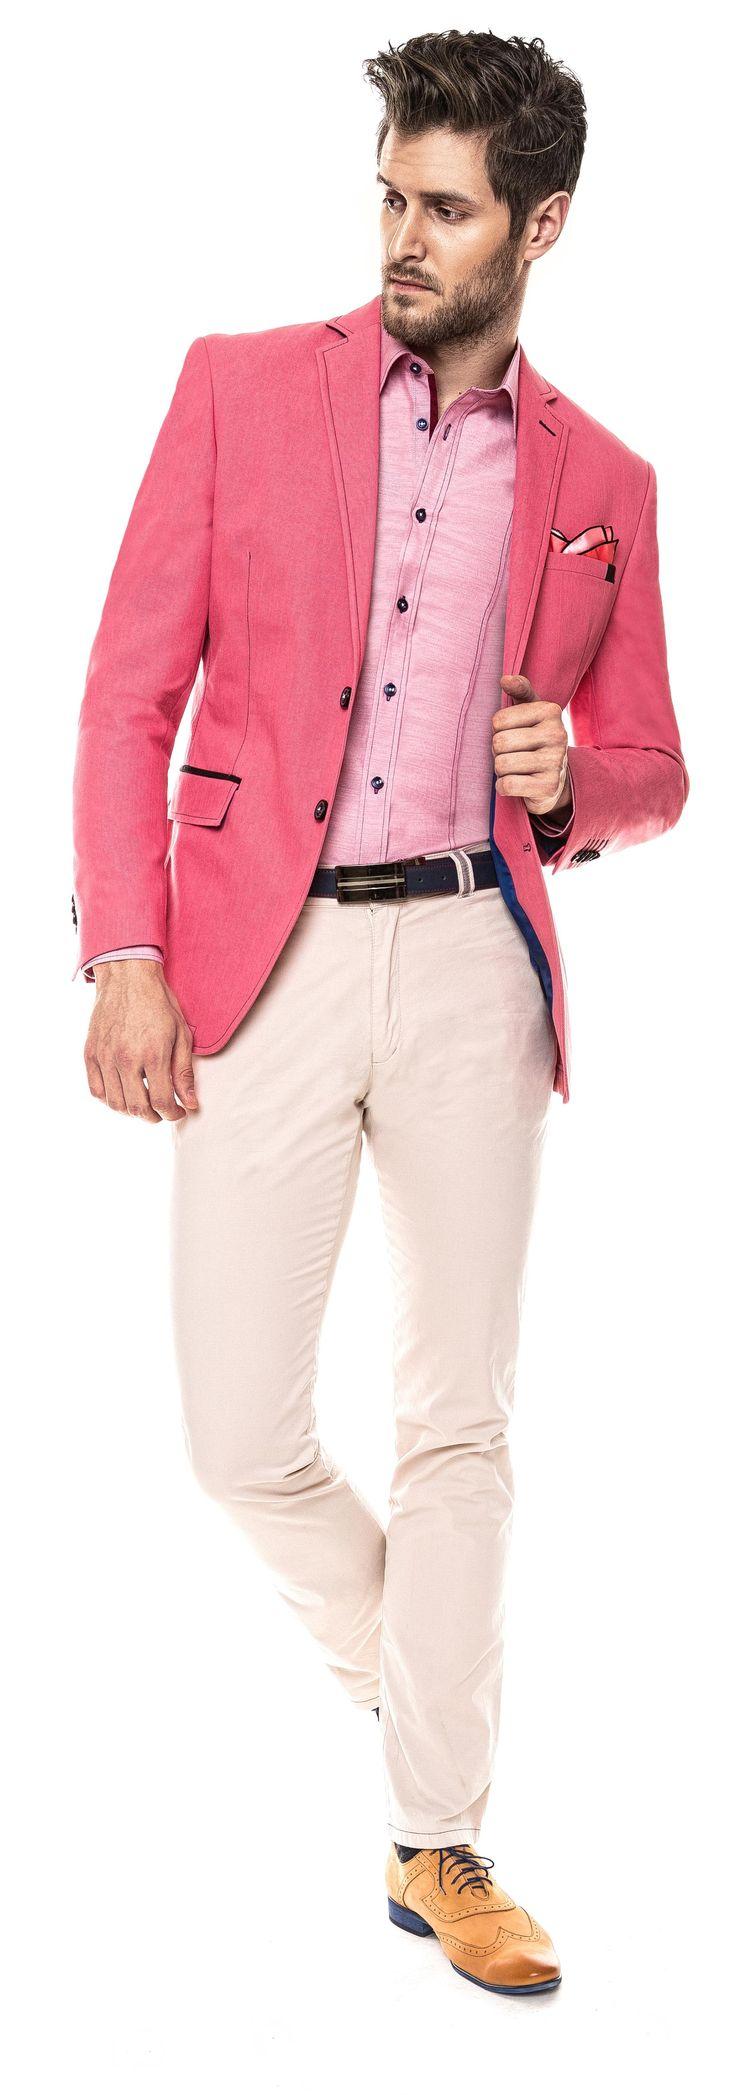 Kolekcja Giacomo Conti 2014 - różowa marynarka Antonio 14/31 SM, białe spodnie Riccardo 14/14 SP, bladoróżowa koszula męska Michele 14/02/39, musztardowe brogsy. #giacomoconti